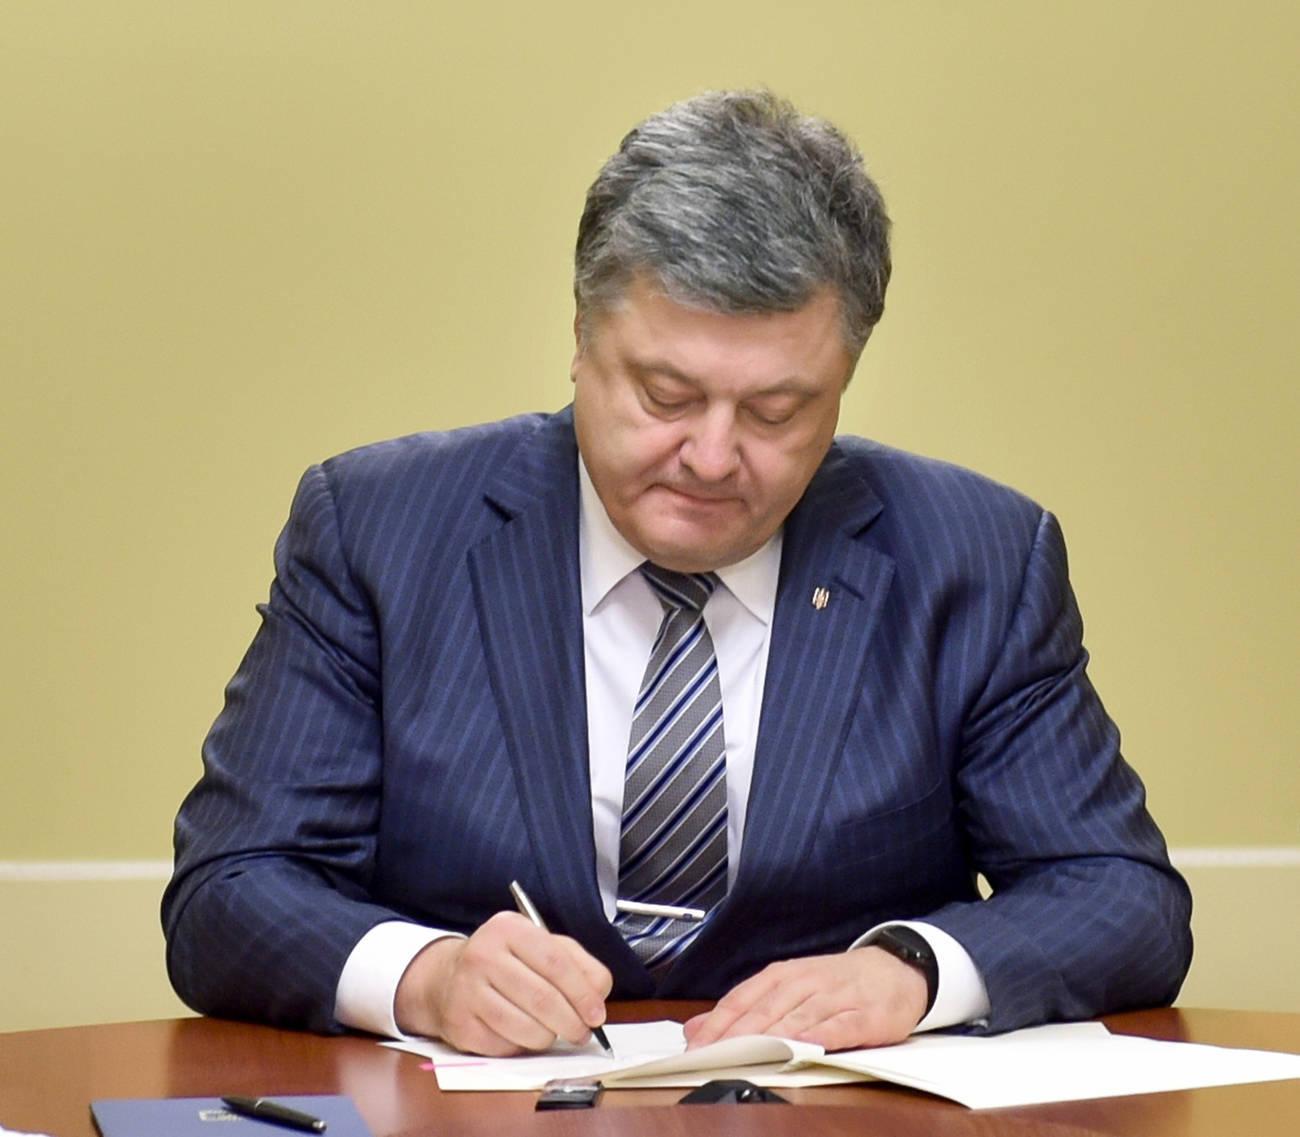 Сьогодні Петро Порошенко підписав важливий указ щодо Донбасу